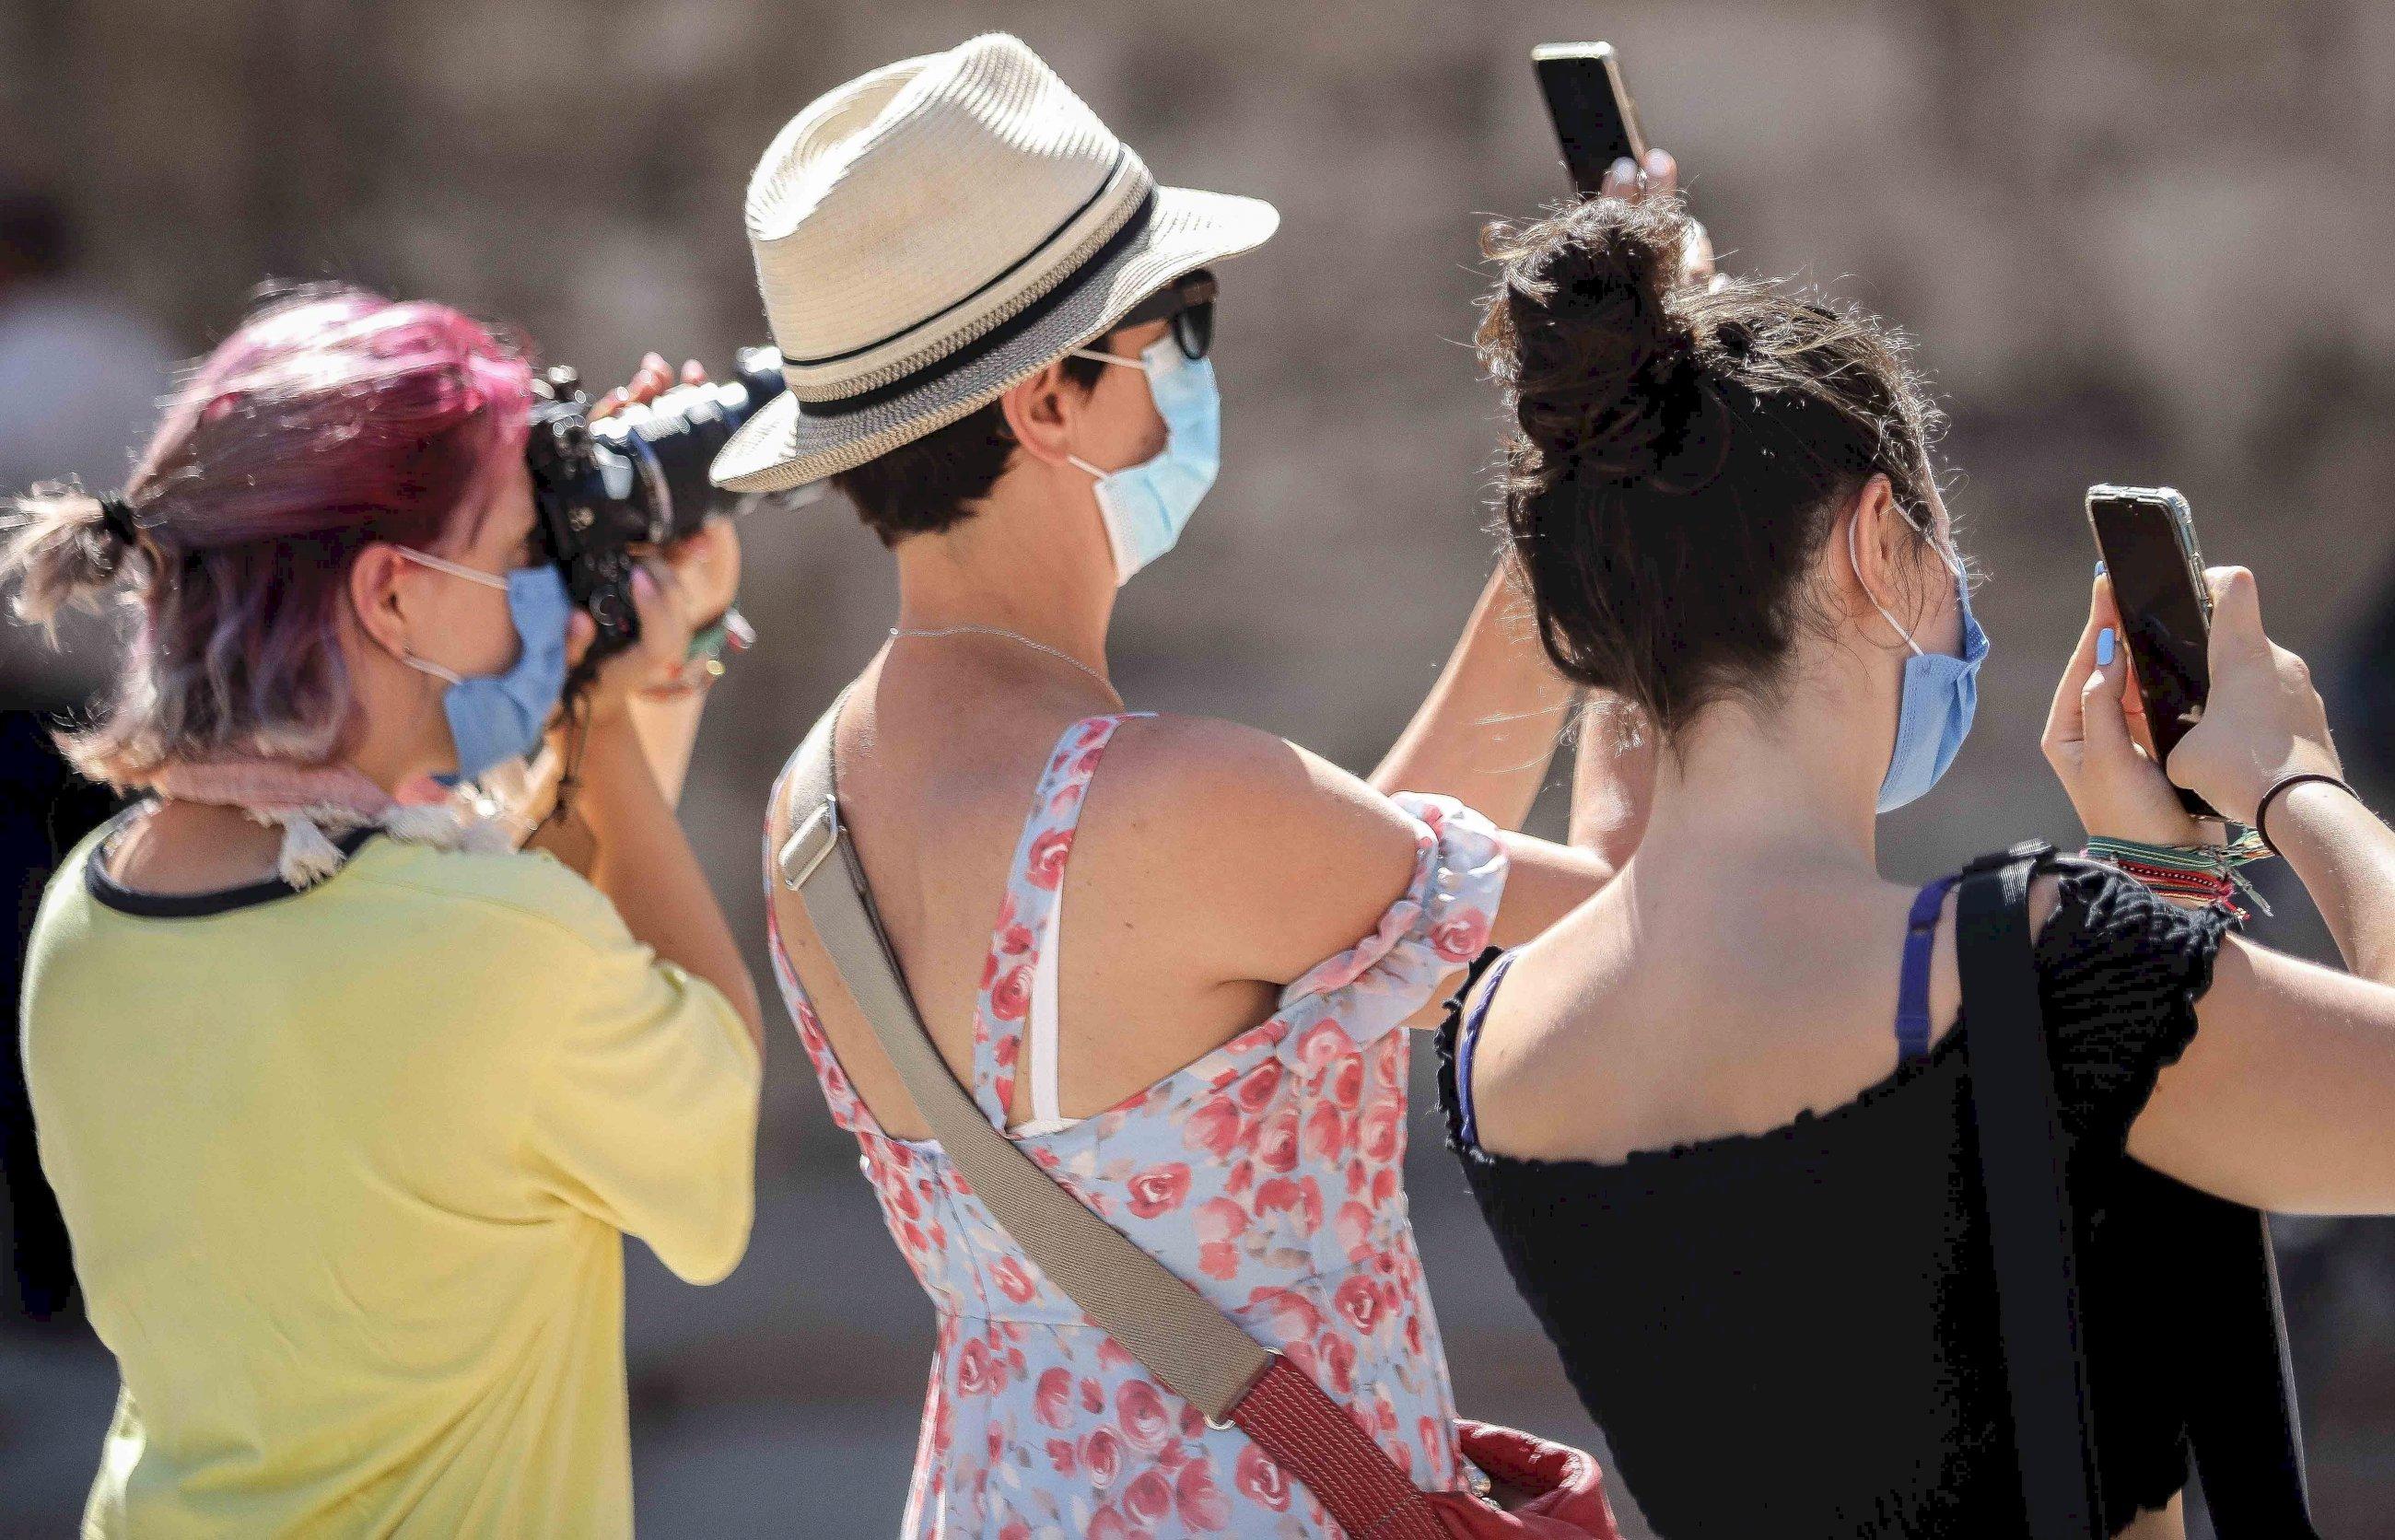 Varias turistas toman fotografías este miércoles en Valencia, en un verano inusual debido a la pandemia provocada por la COVID-19 / EFE